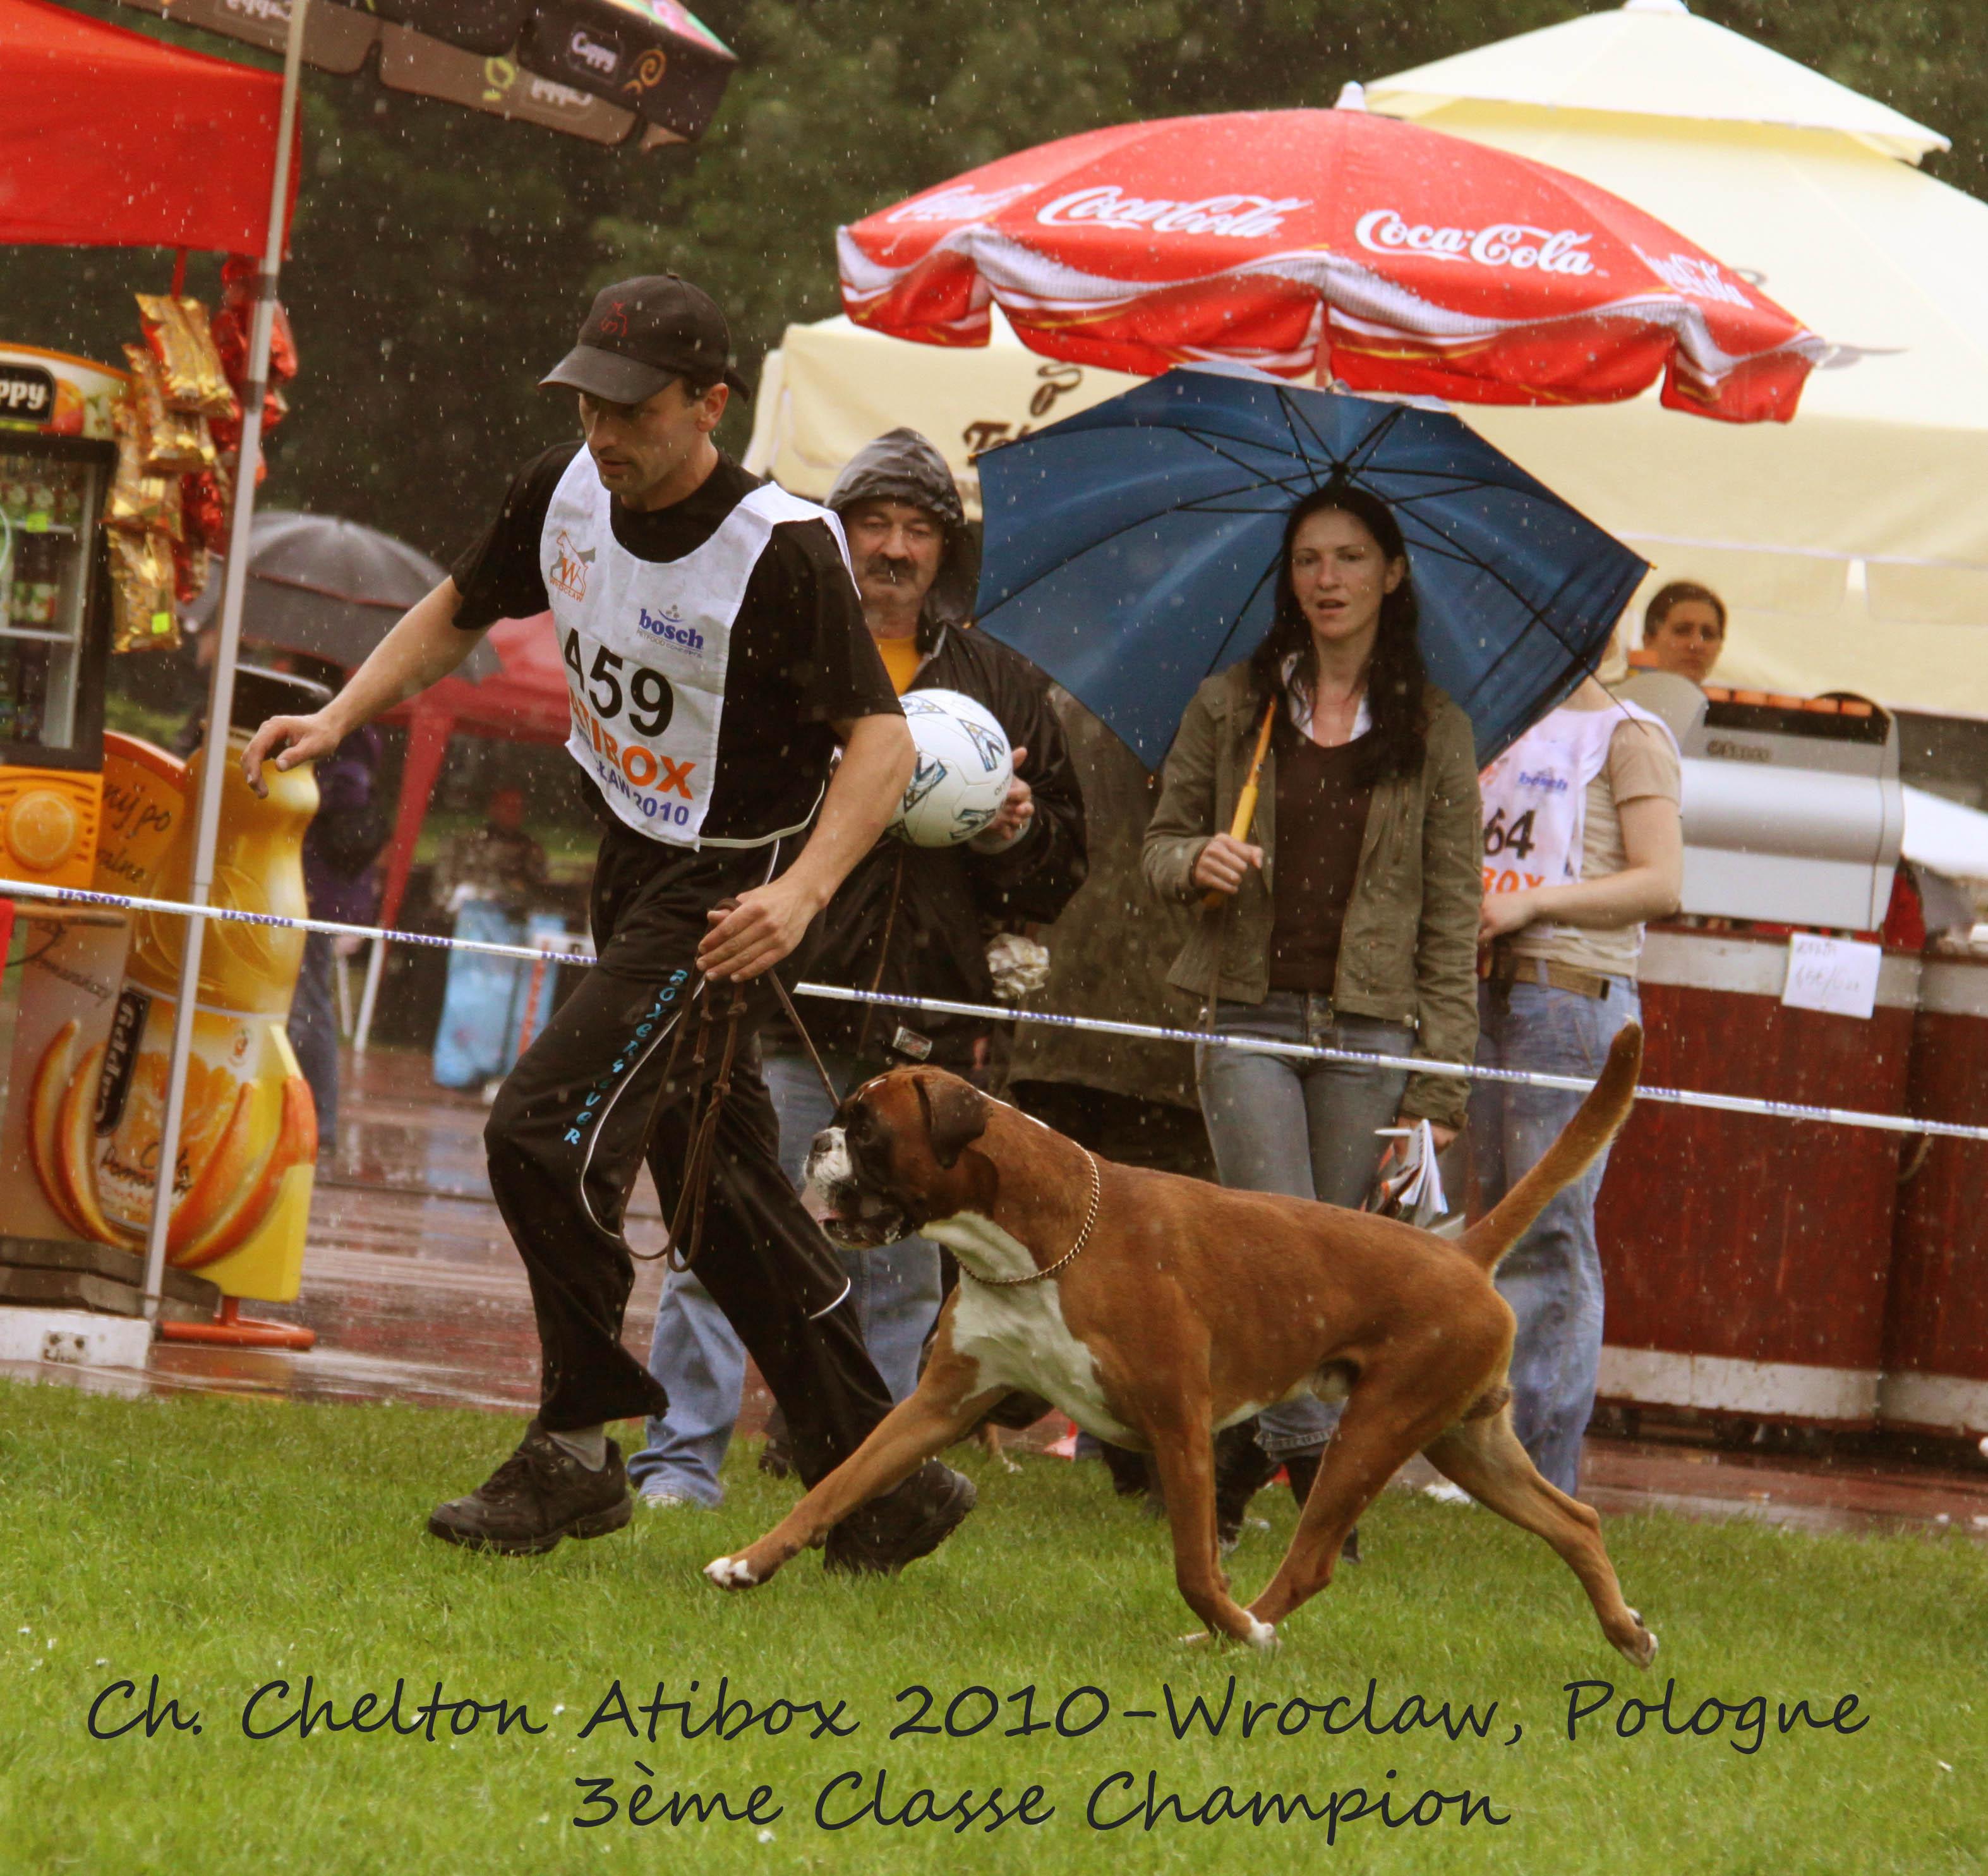 Chelton Atibox 2010 Pologne